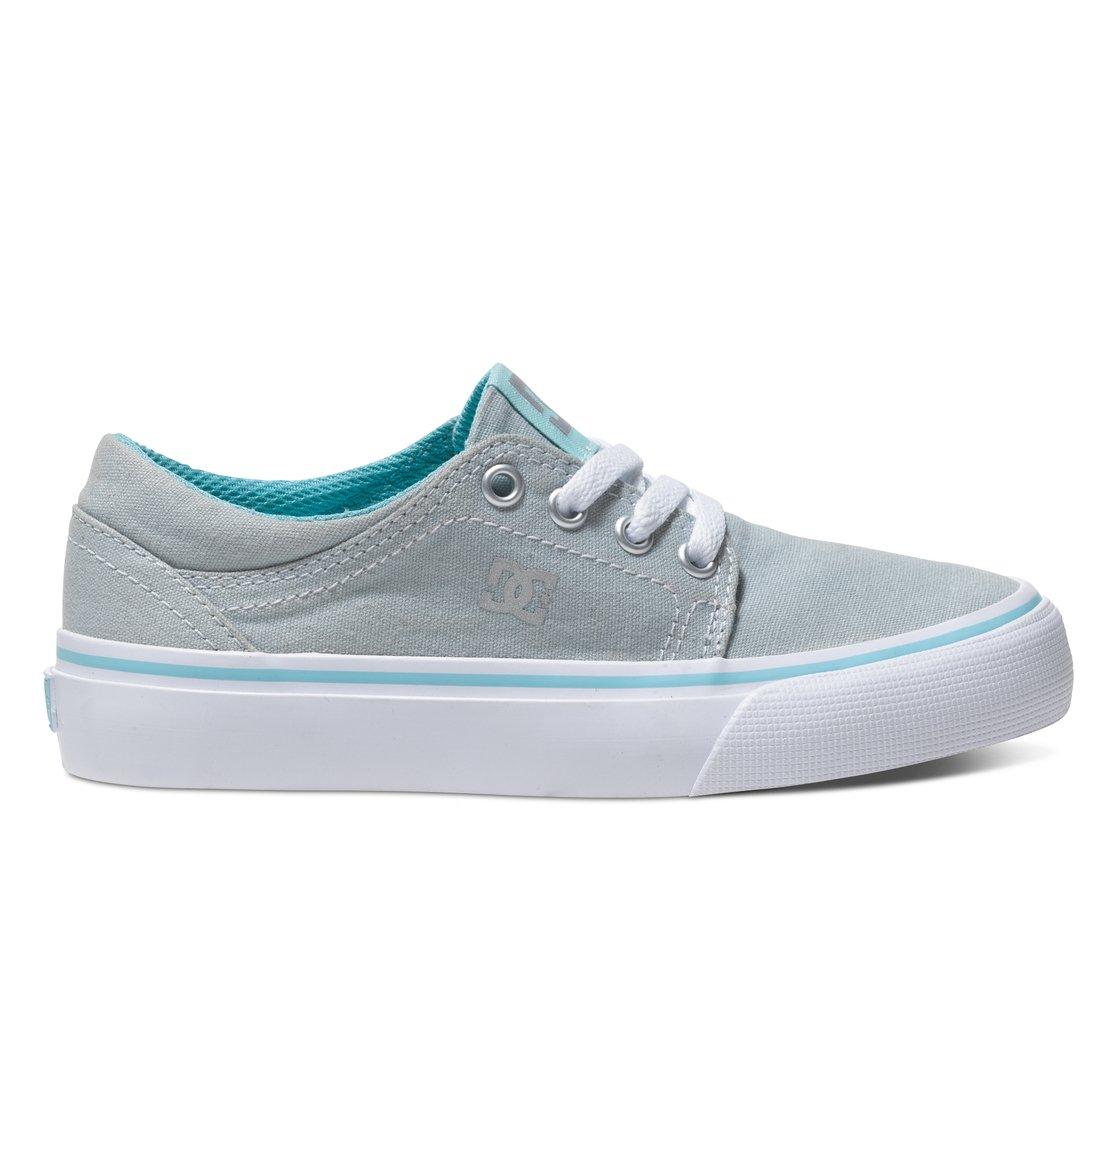 Trase TX - DcshoesНизкие кеды Trase TX от DC Shoes для мальчиков – новинка из коллекции «Лето 2015». Характеристики: принт с логотипом, металлические отверстия для шнурков, вулканизированная конструкция.<br>